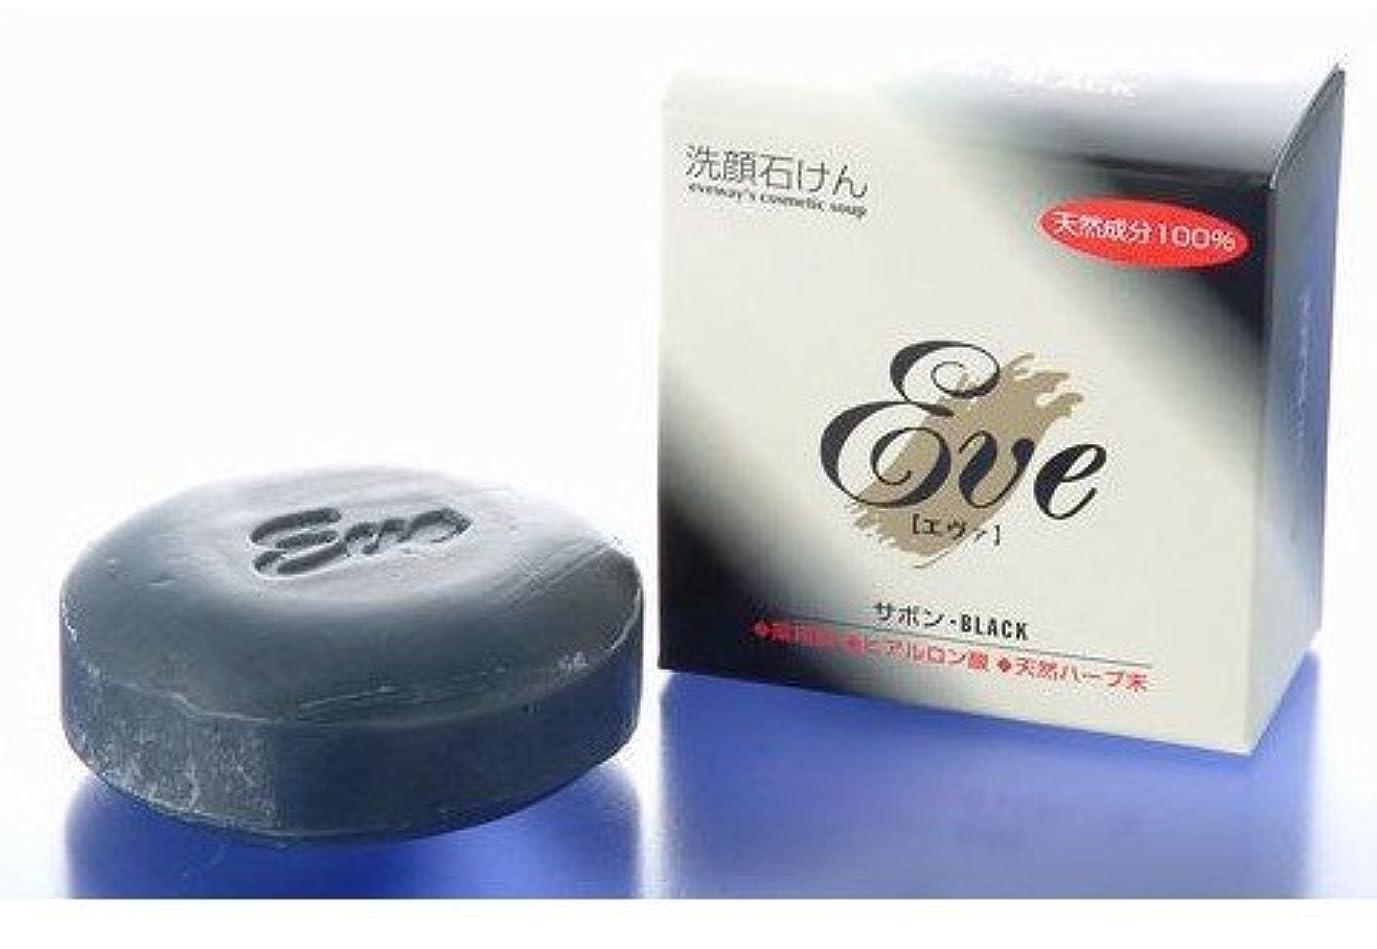 クレタ生活広大な洗顔 化粧石鹸 サボンブラック 3個セット クレンジングの要らない石鹸です。